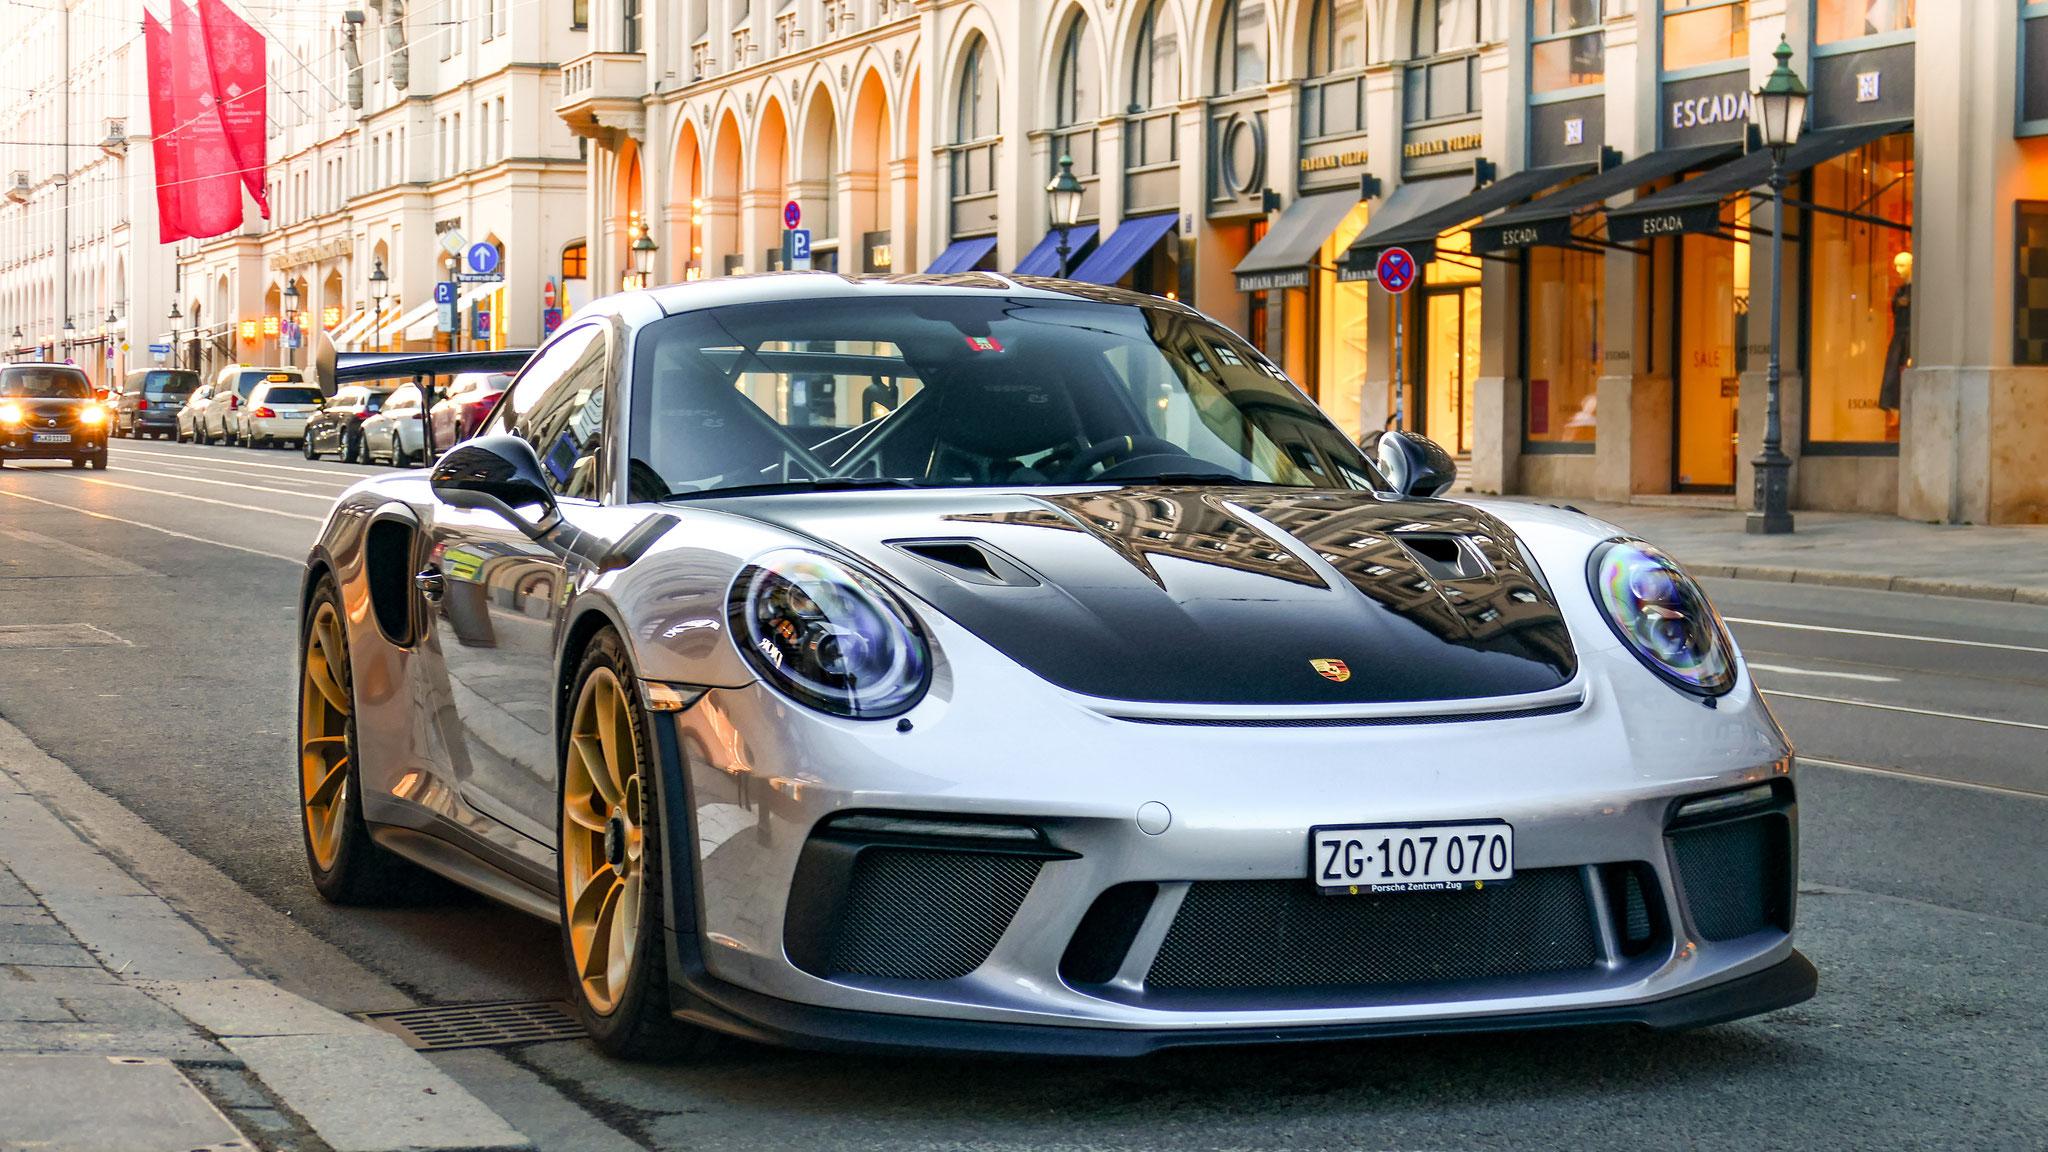 Porsche 911 991.2 GT3 RS - ZG-107070 (CH)